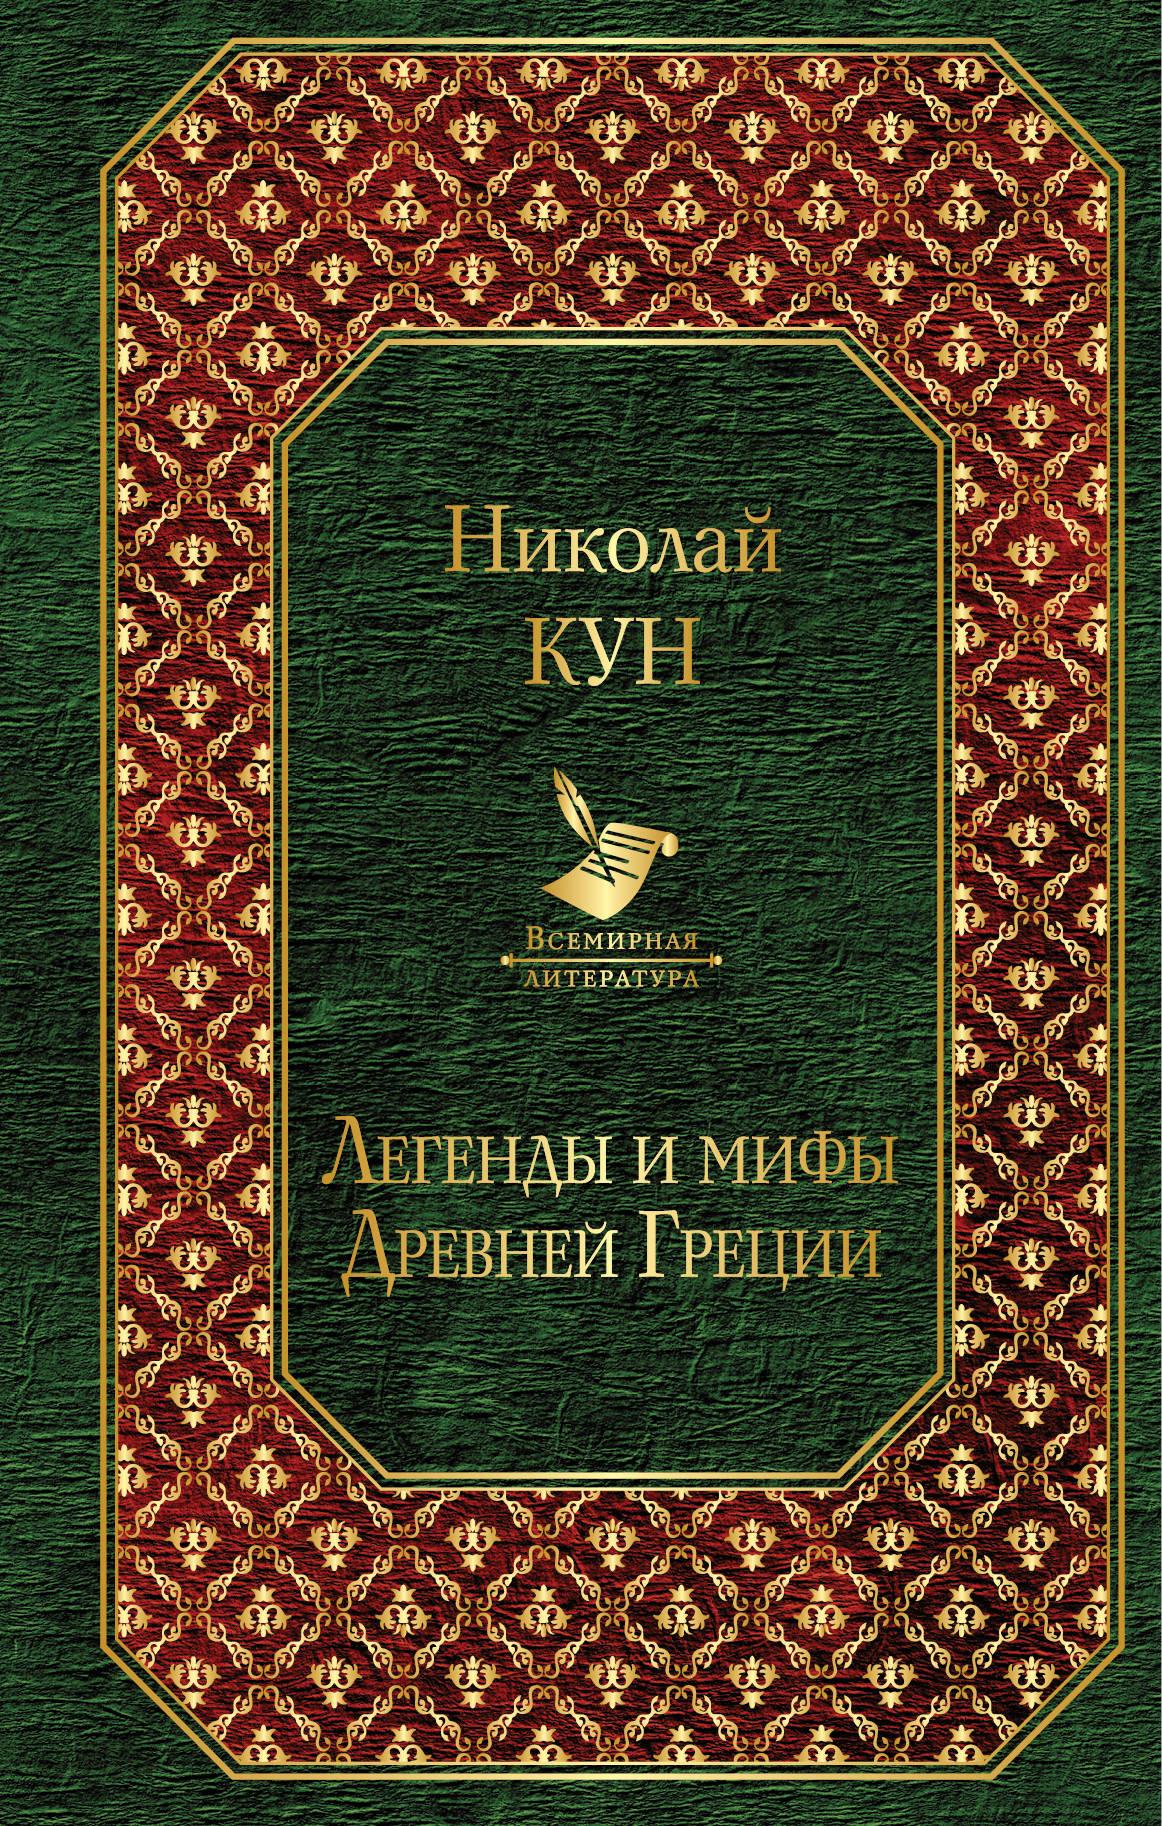 Николай Кун Легенды и мифы Древней Греции елена имена женщин россии